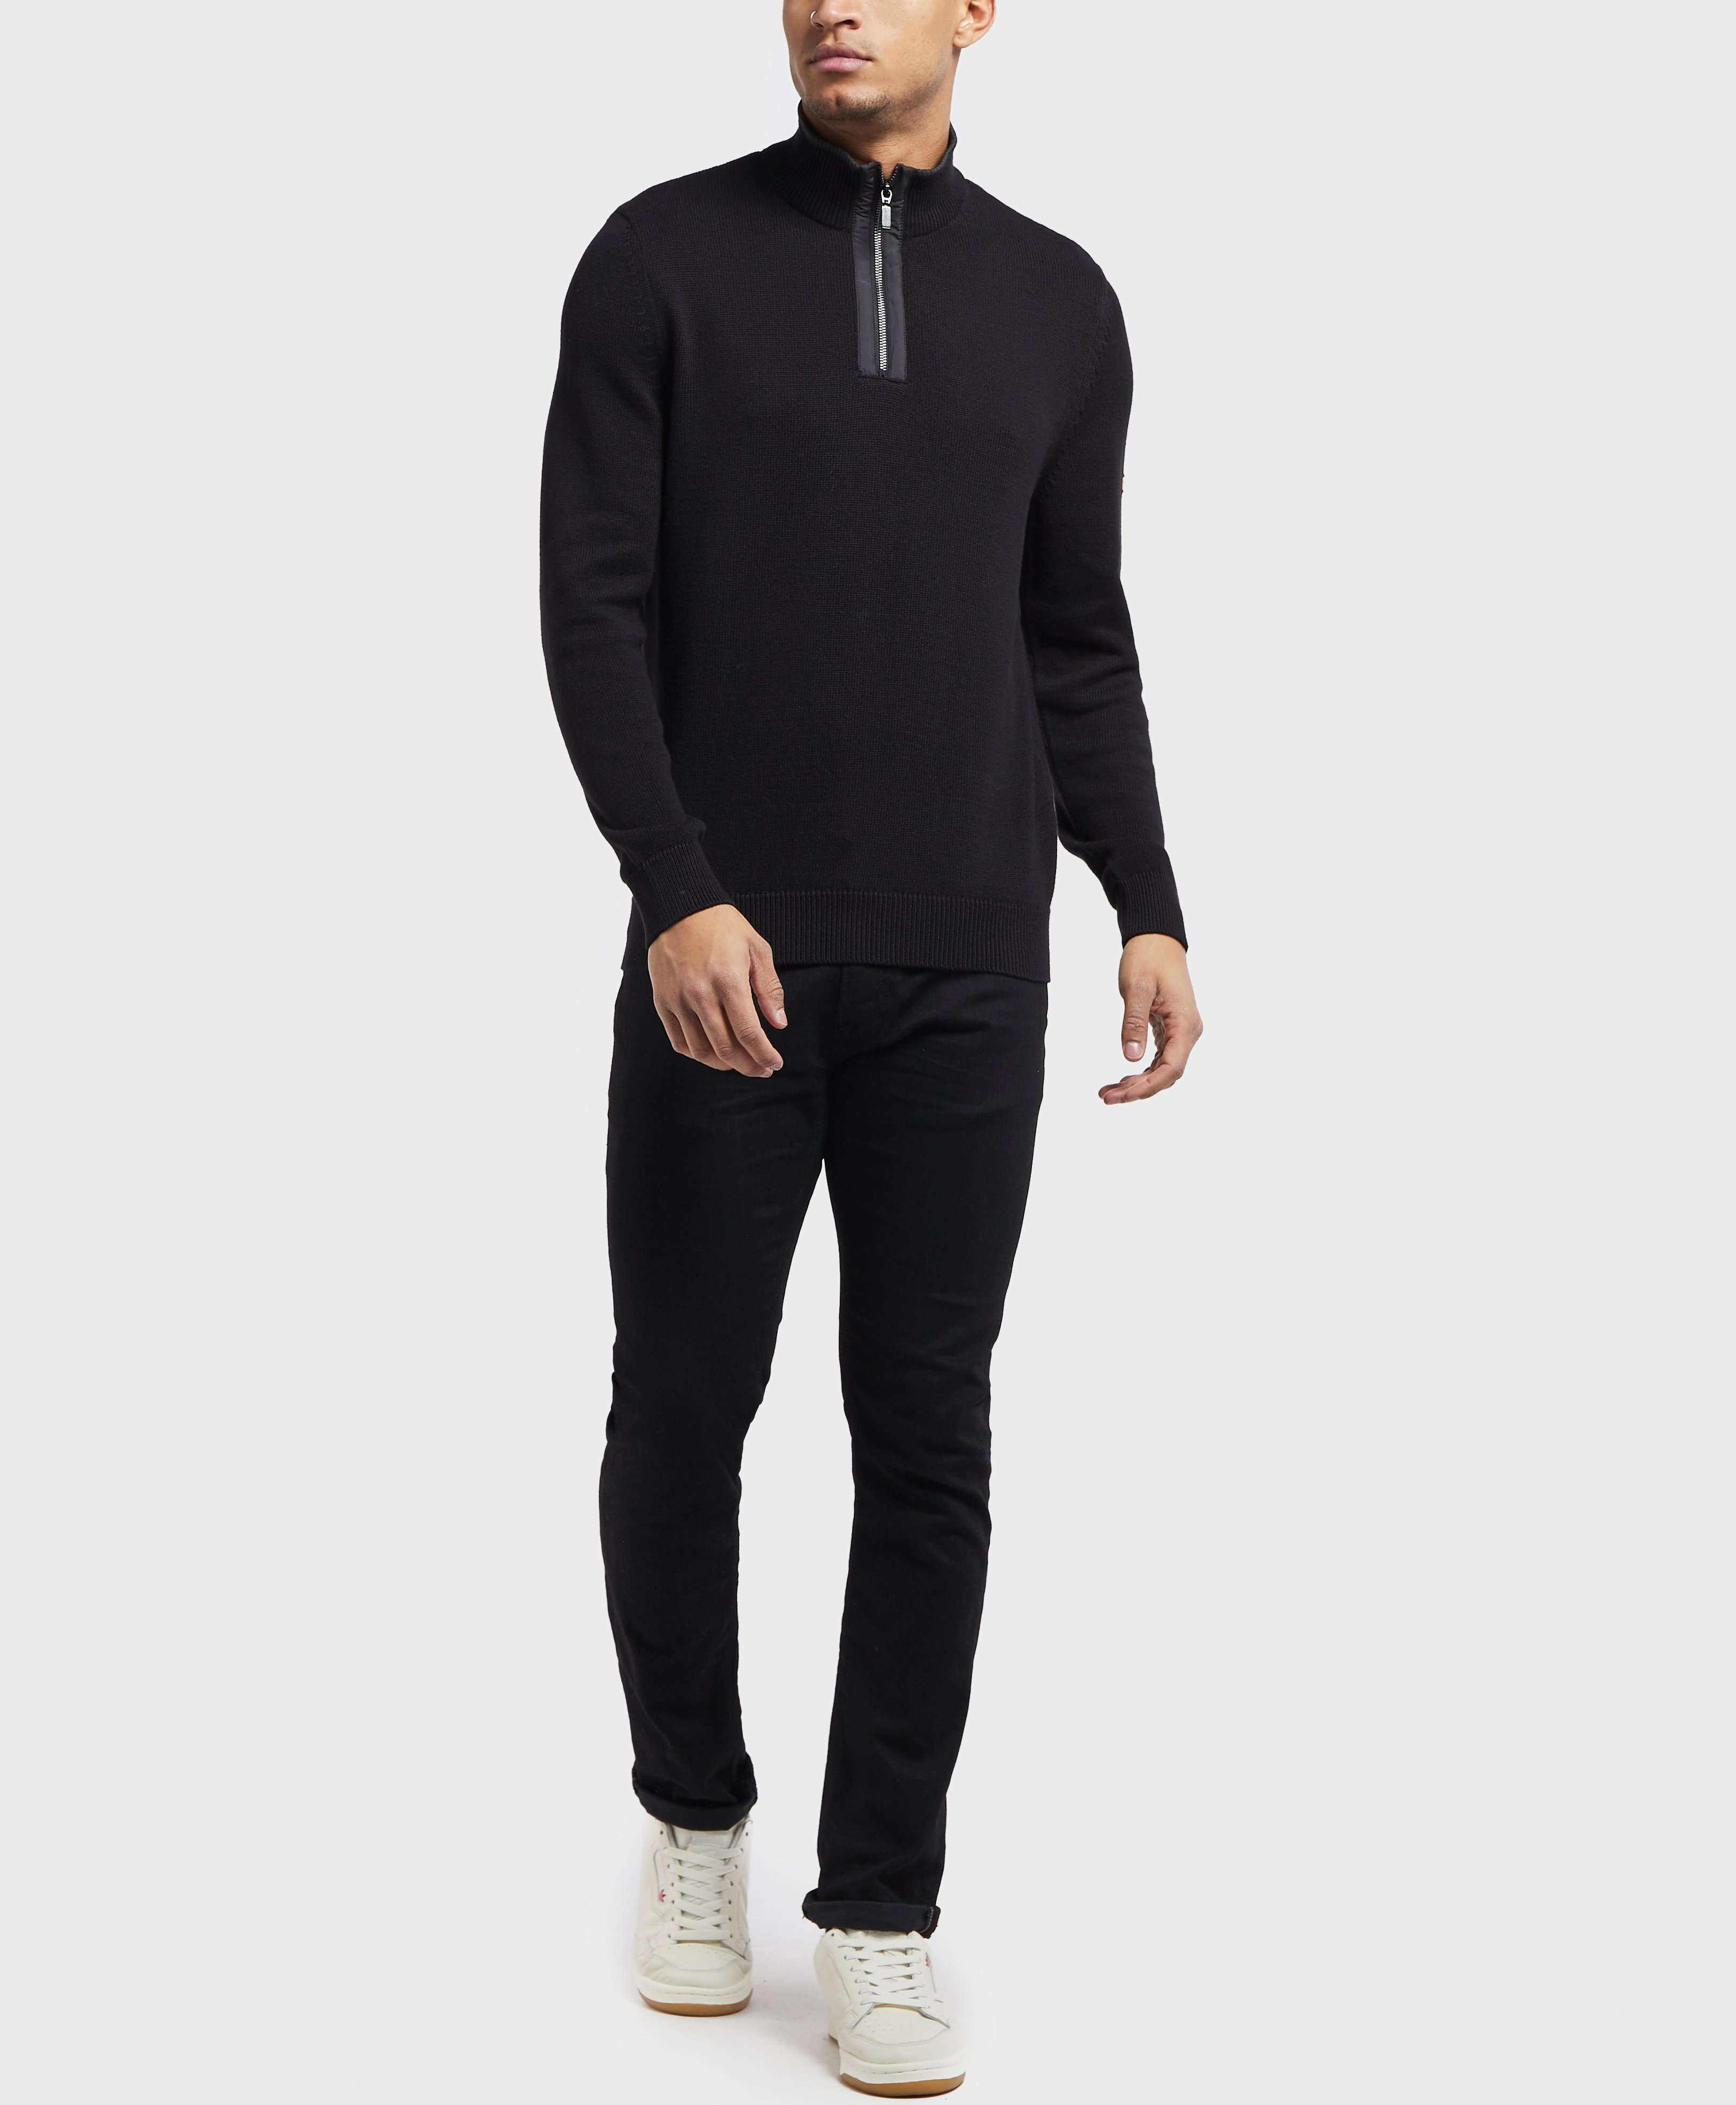 Barbour International Trap Half Zip Sweatshirt